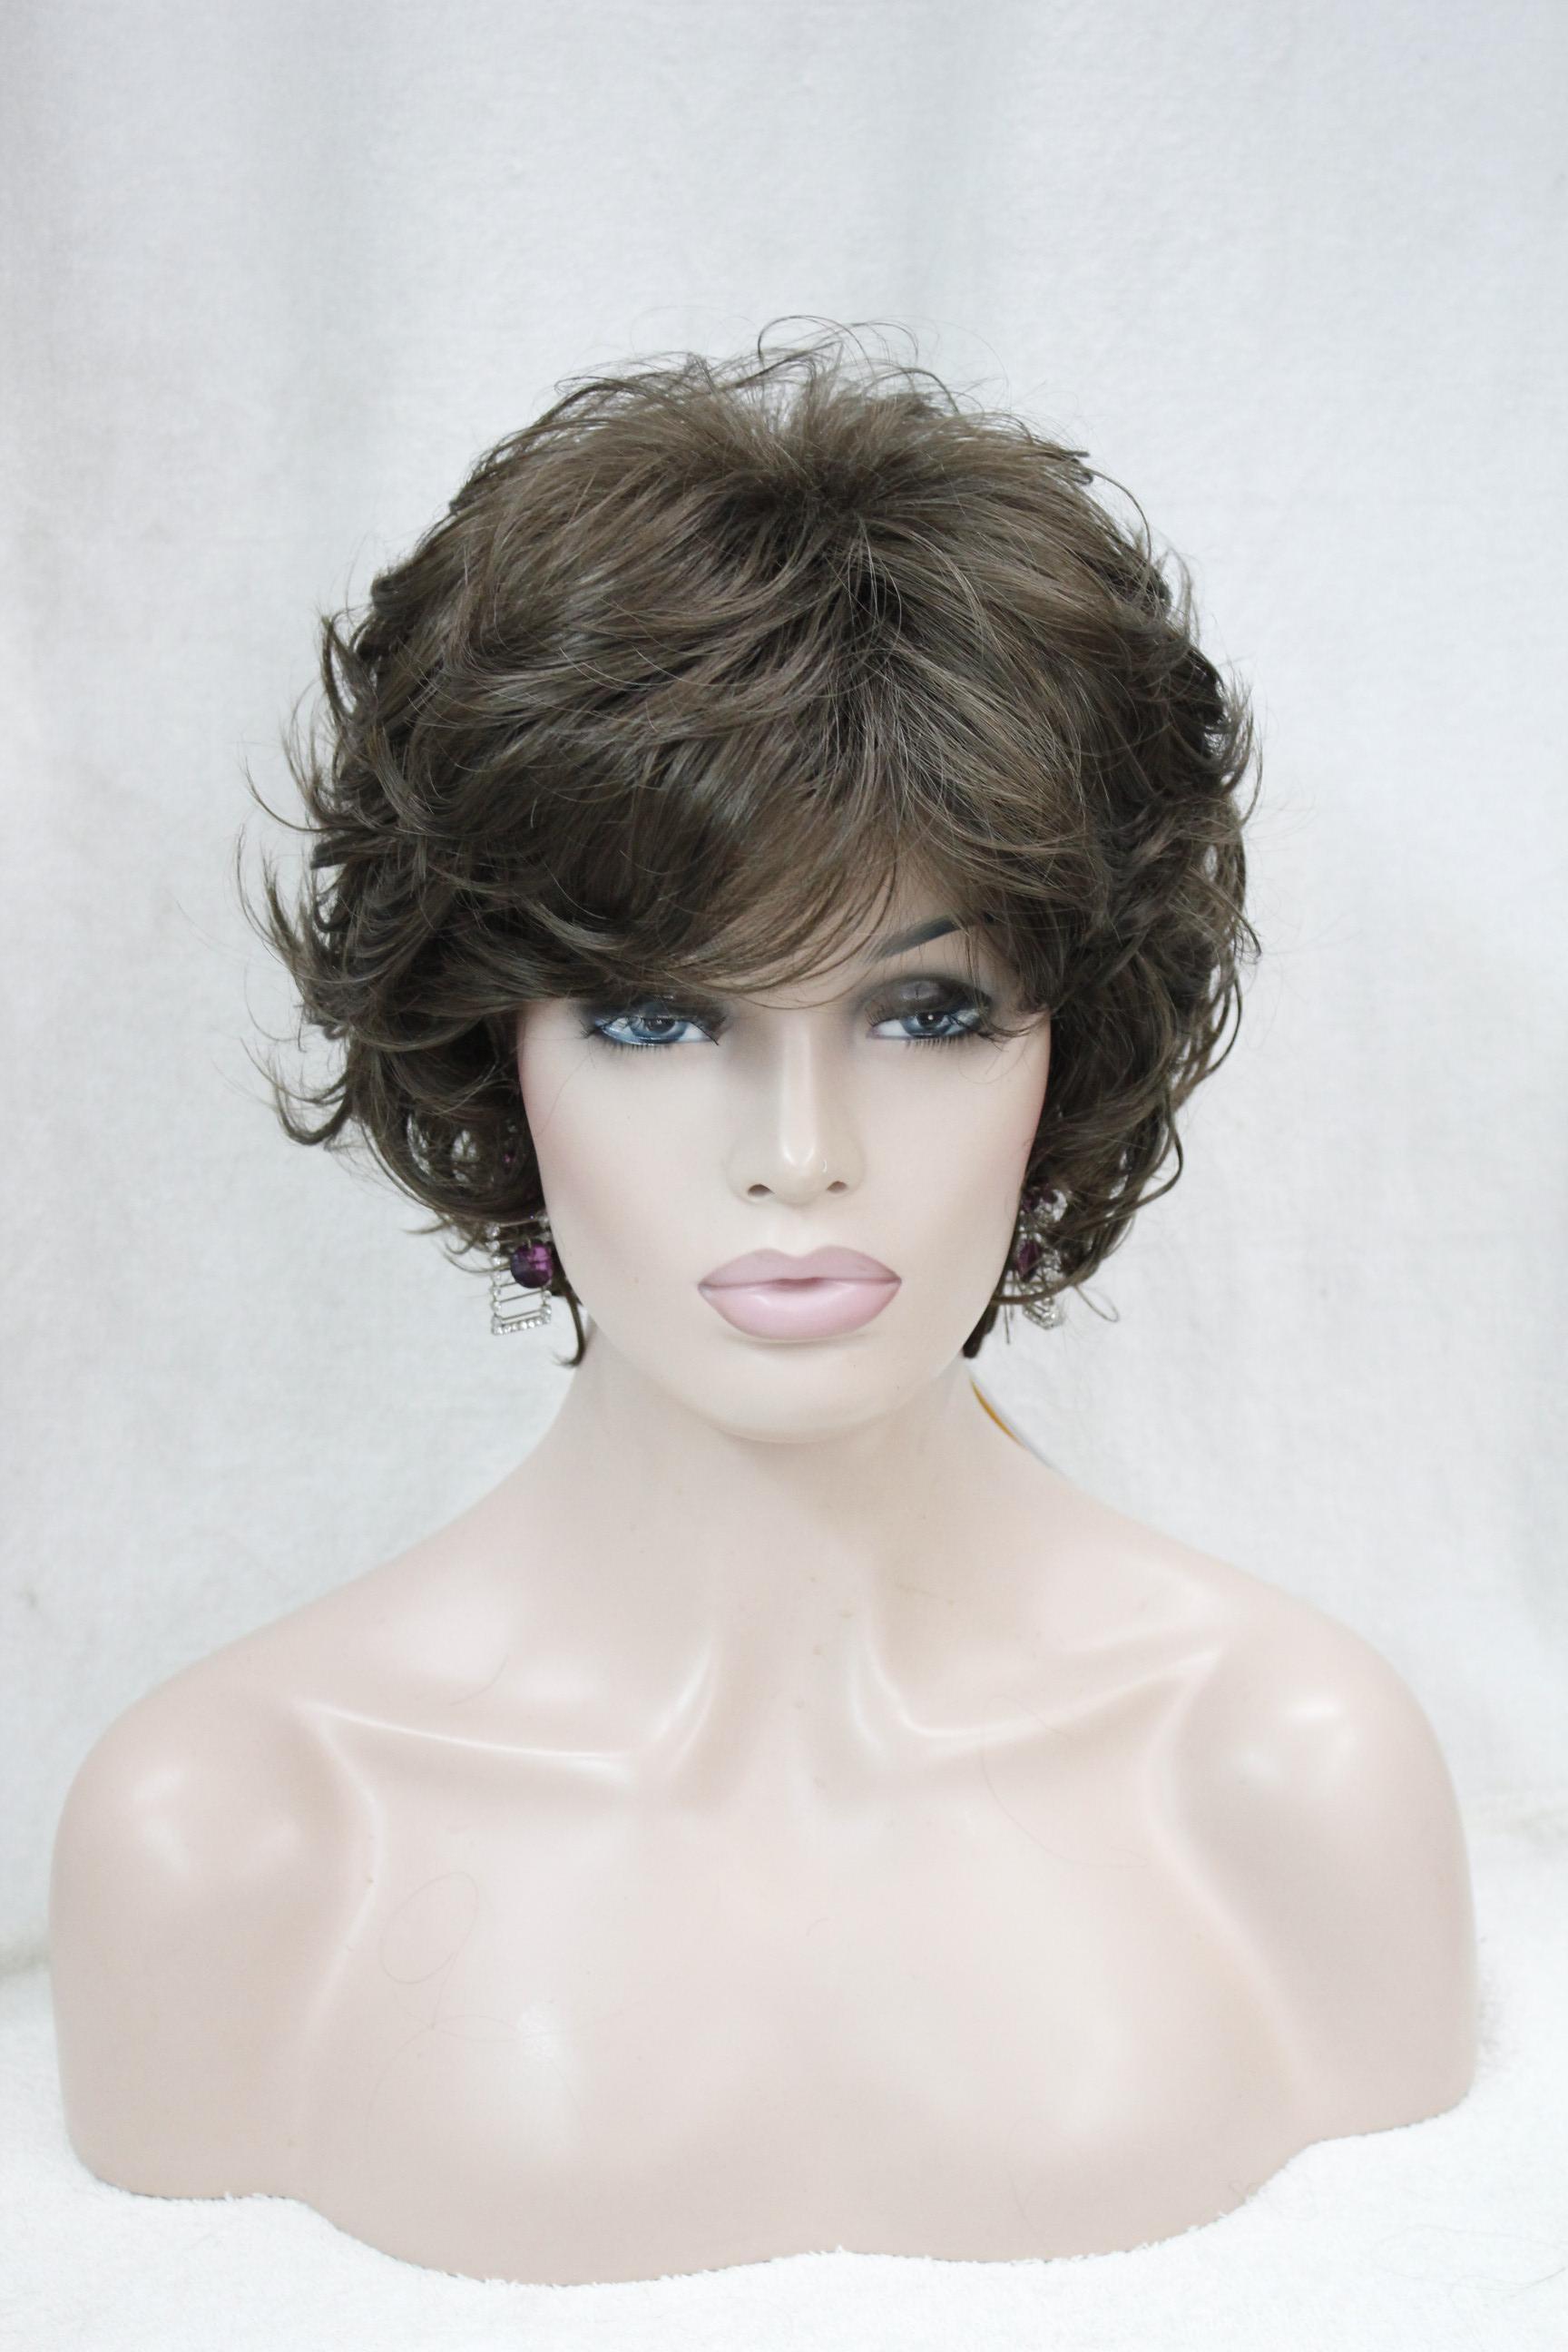 2017 Nouveau Mode Mode Santé Golden Brown Curly femmes S courte perruque ondulée jour pour chaque perruque Perruques